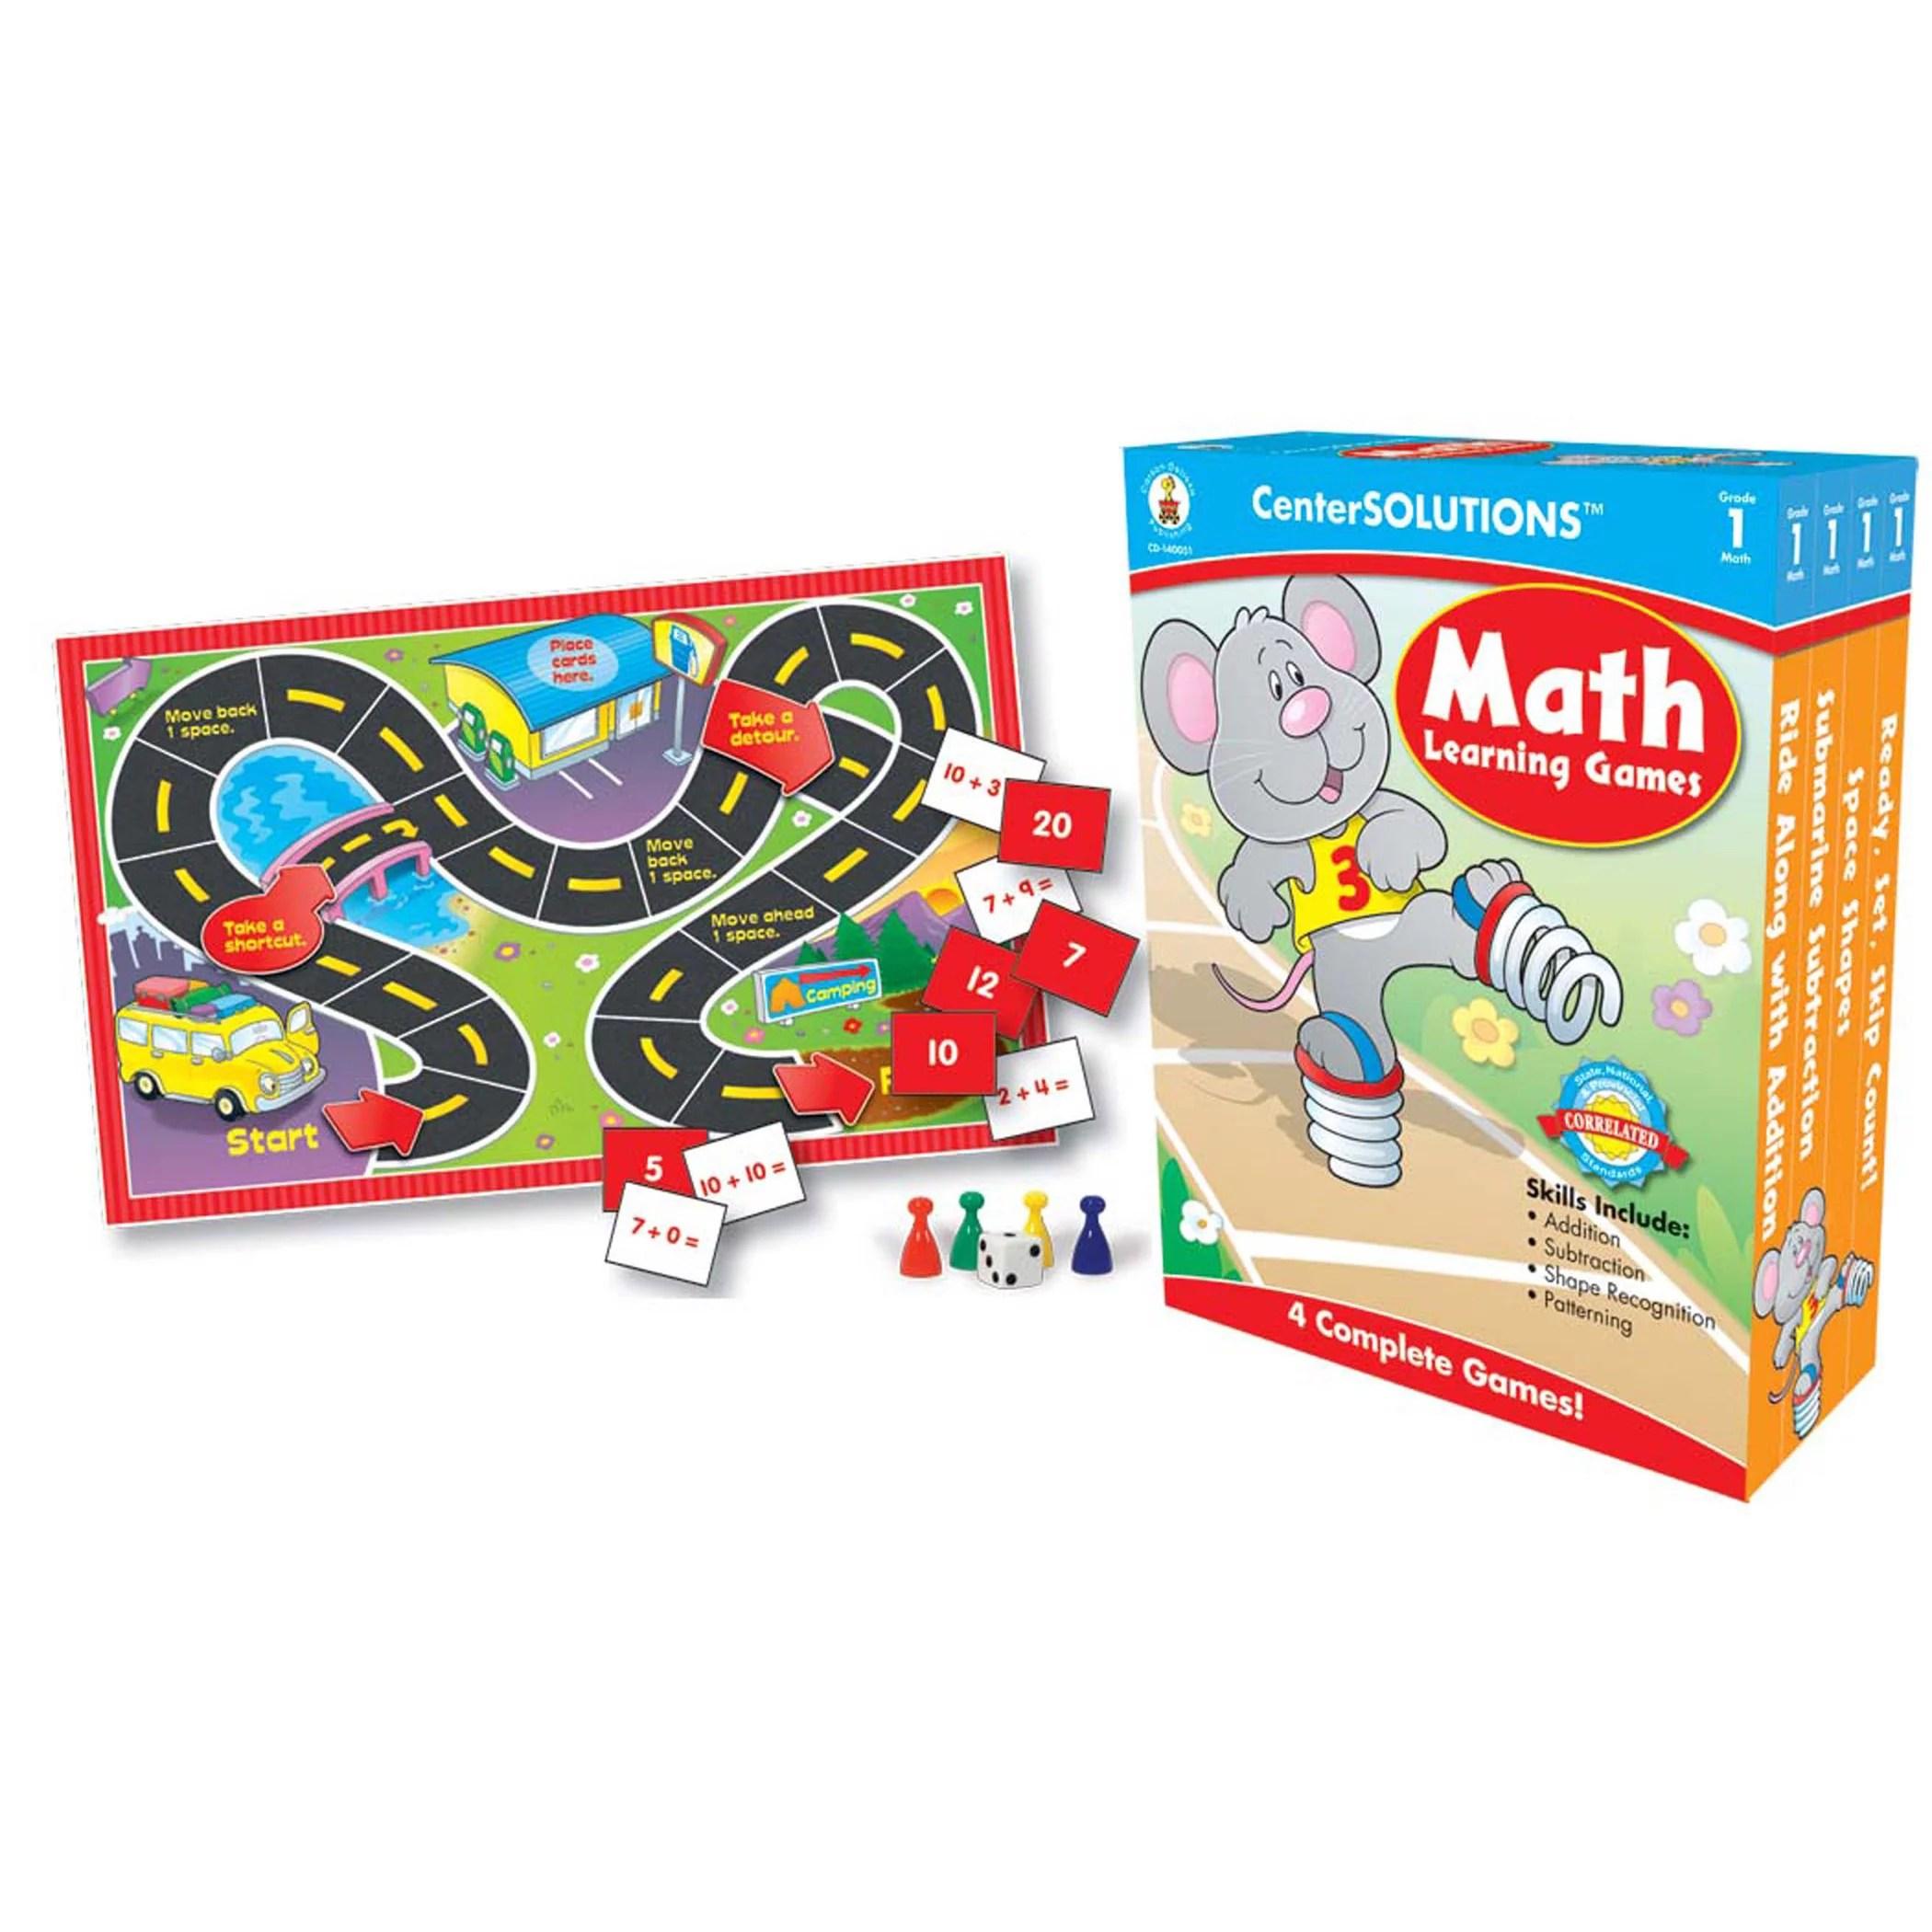 Carson Dellosa Education Centersolutions Math Learning